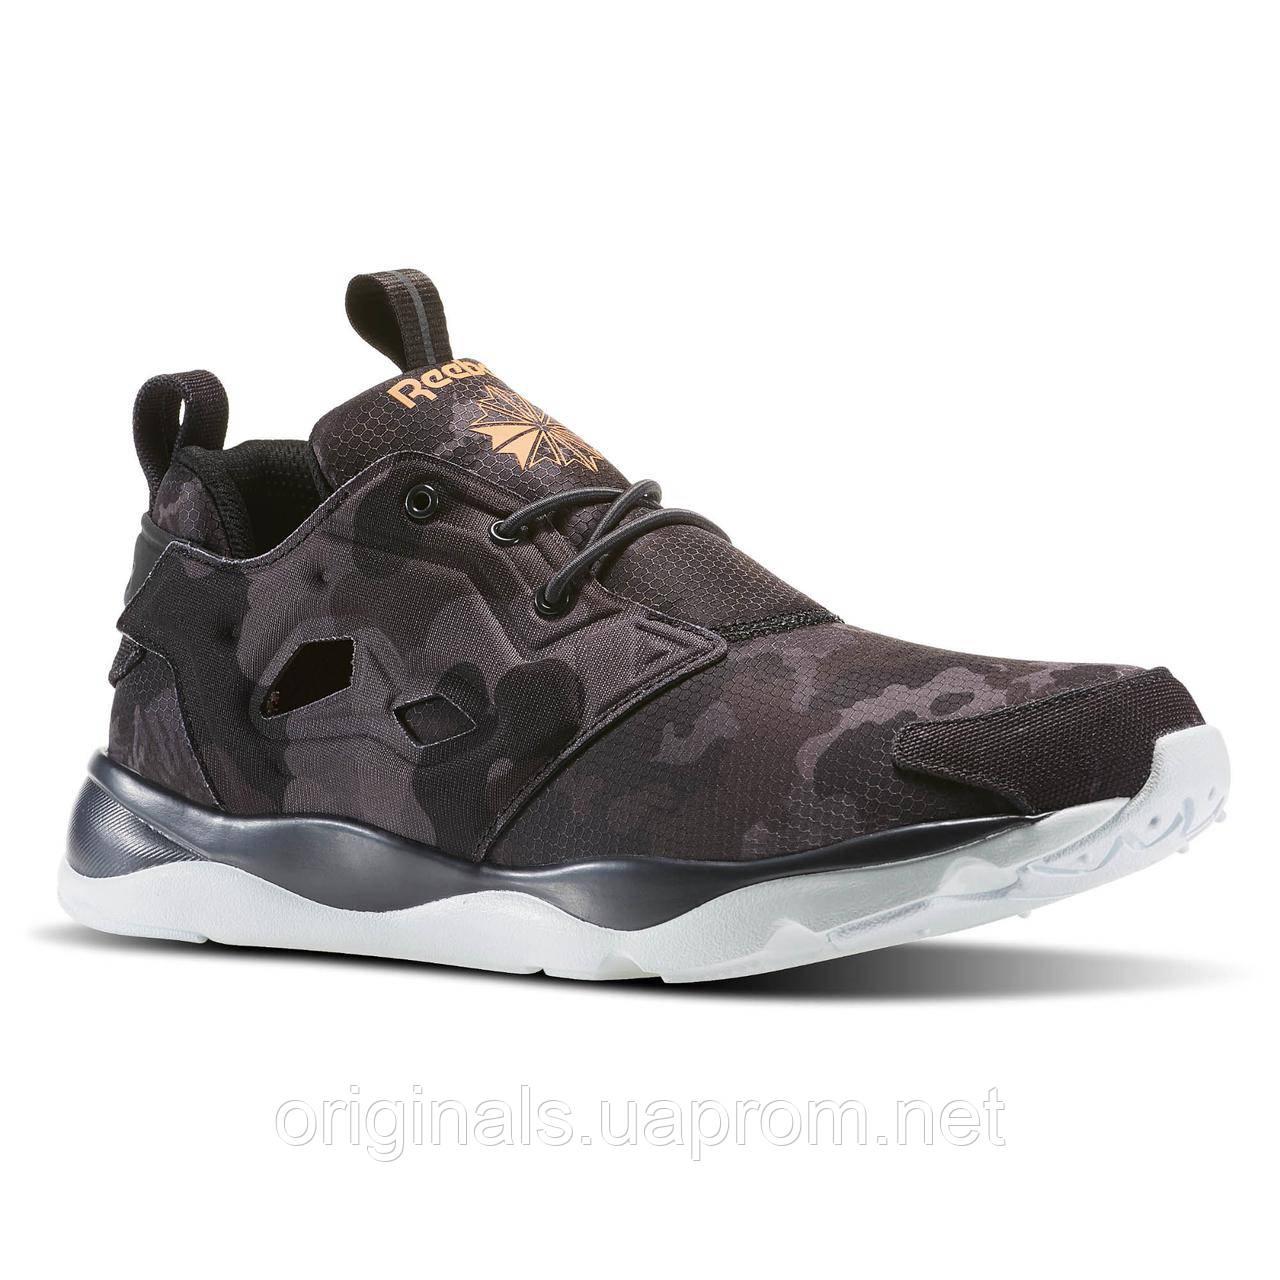 Мужские кроссовки Reebok Furylite CC BD2854